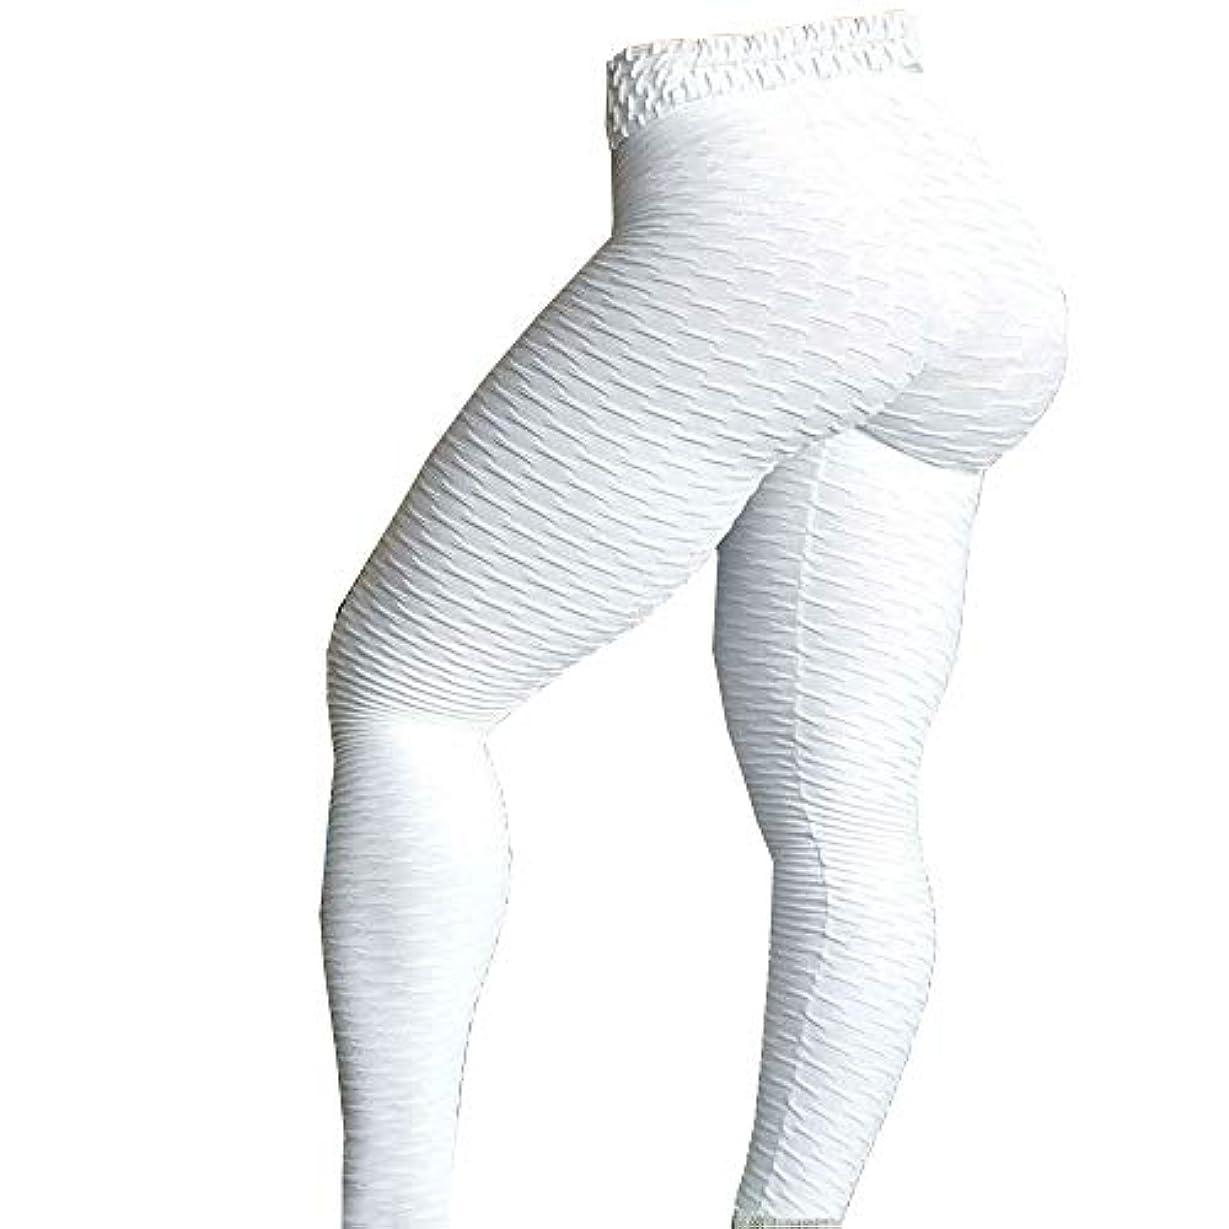 ショートカットジョリー苦しめるMIFAN パンツ女性、ハイウエストパンツ、スキニーパンツ、ヨガレギンス、女性のズボン、ランニングパンツ、スポーツウェア